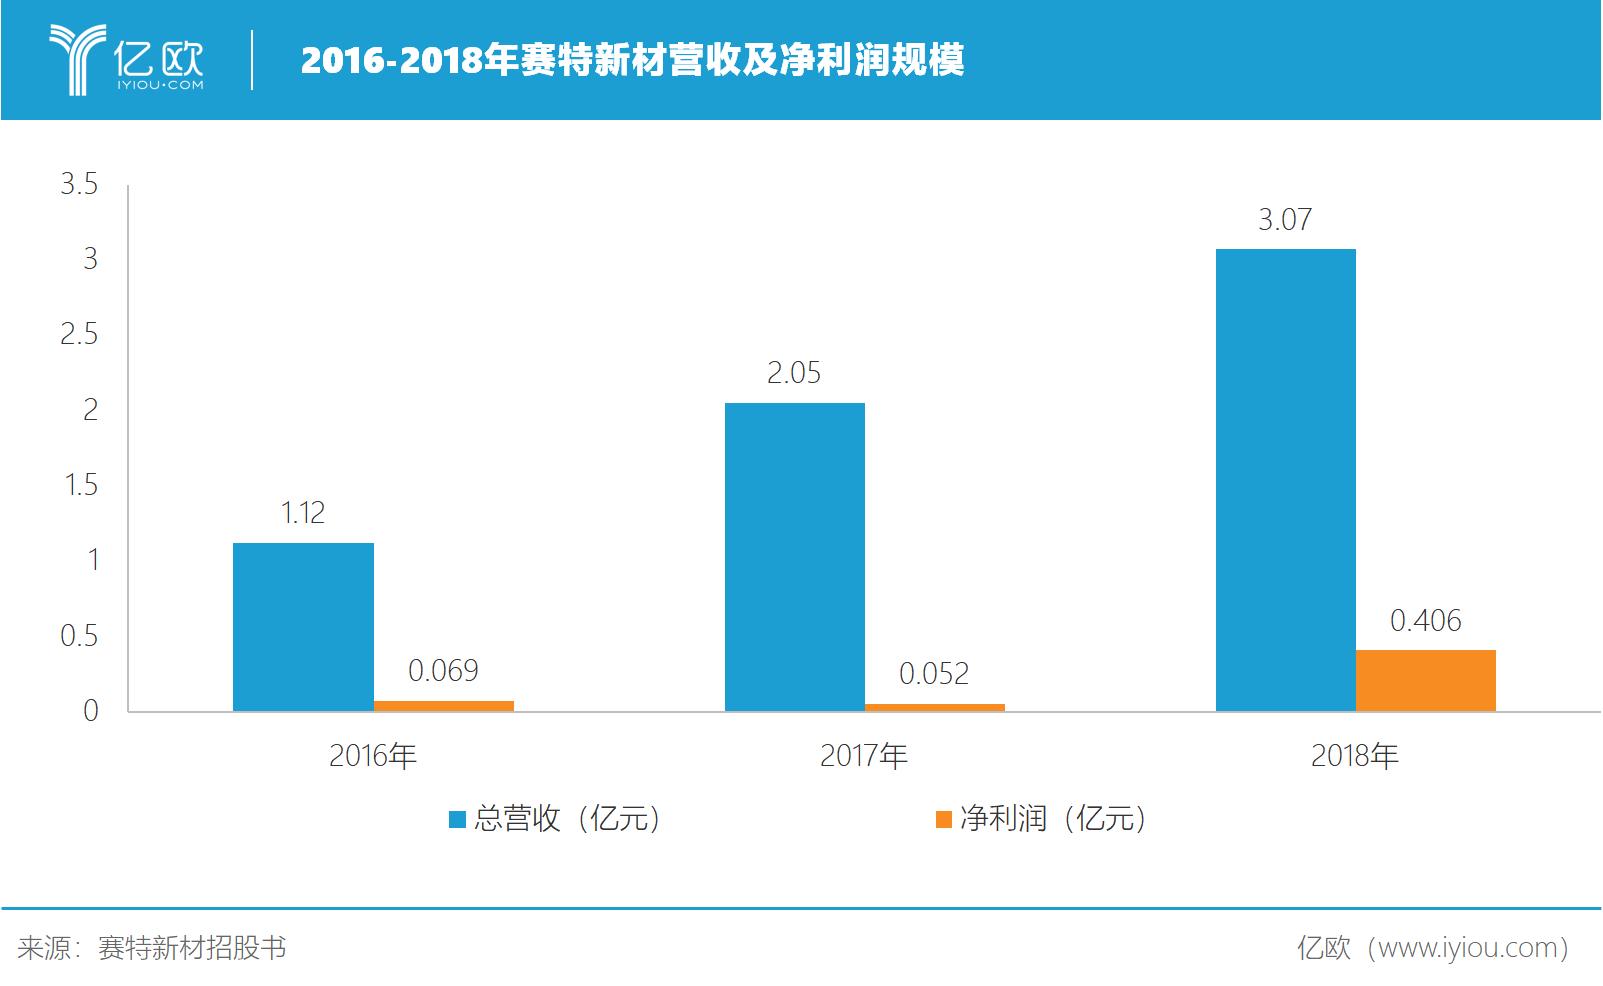 赛特新材产能冲刺:环保替代稳赢 掘金全球市场强劲增长